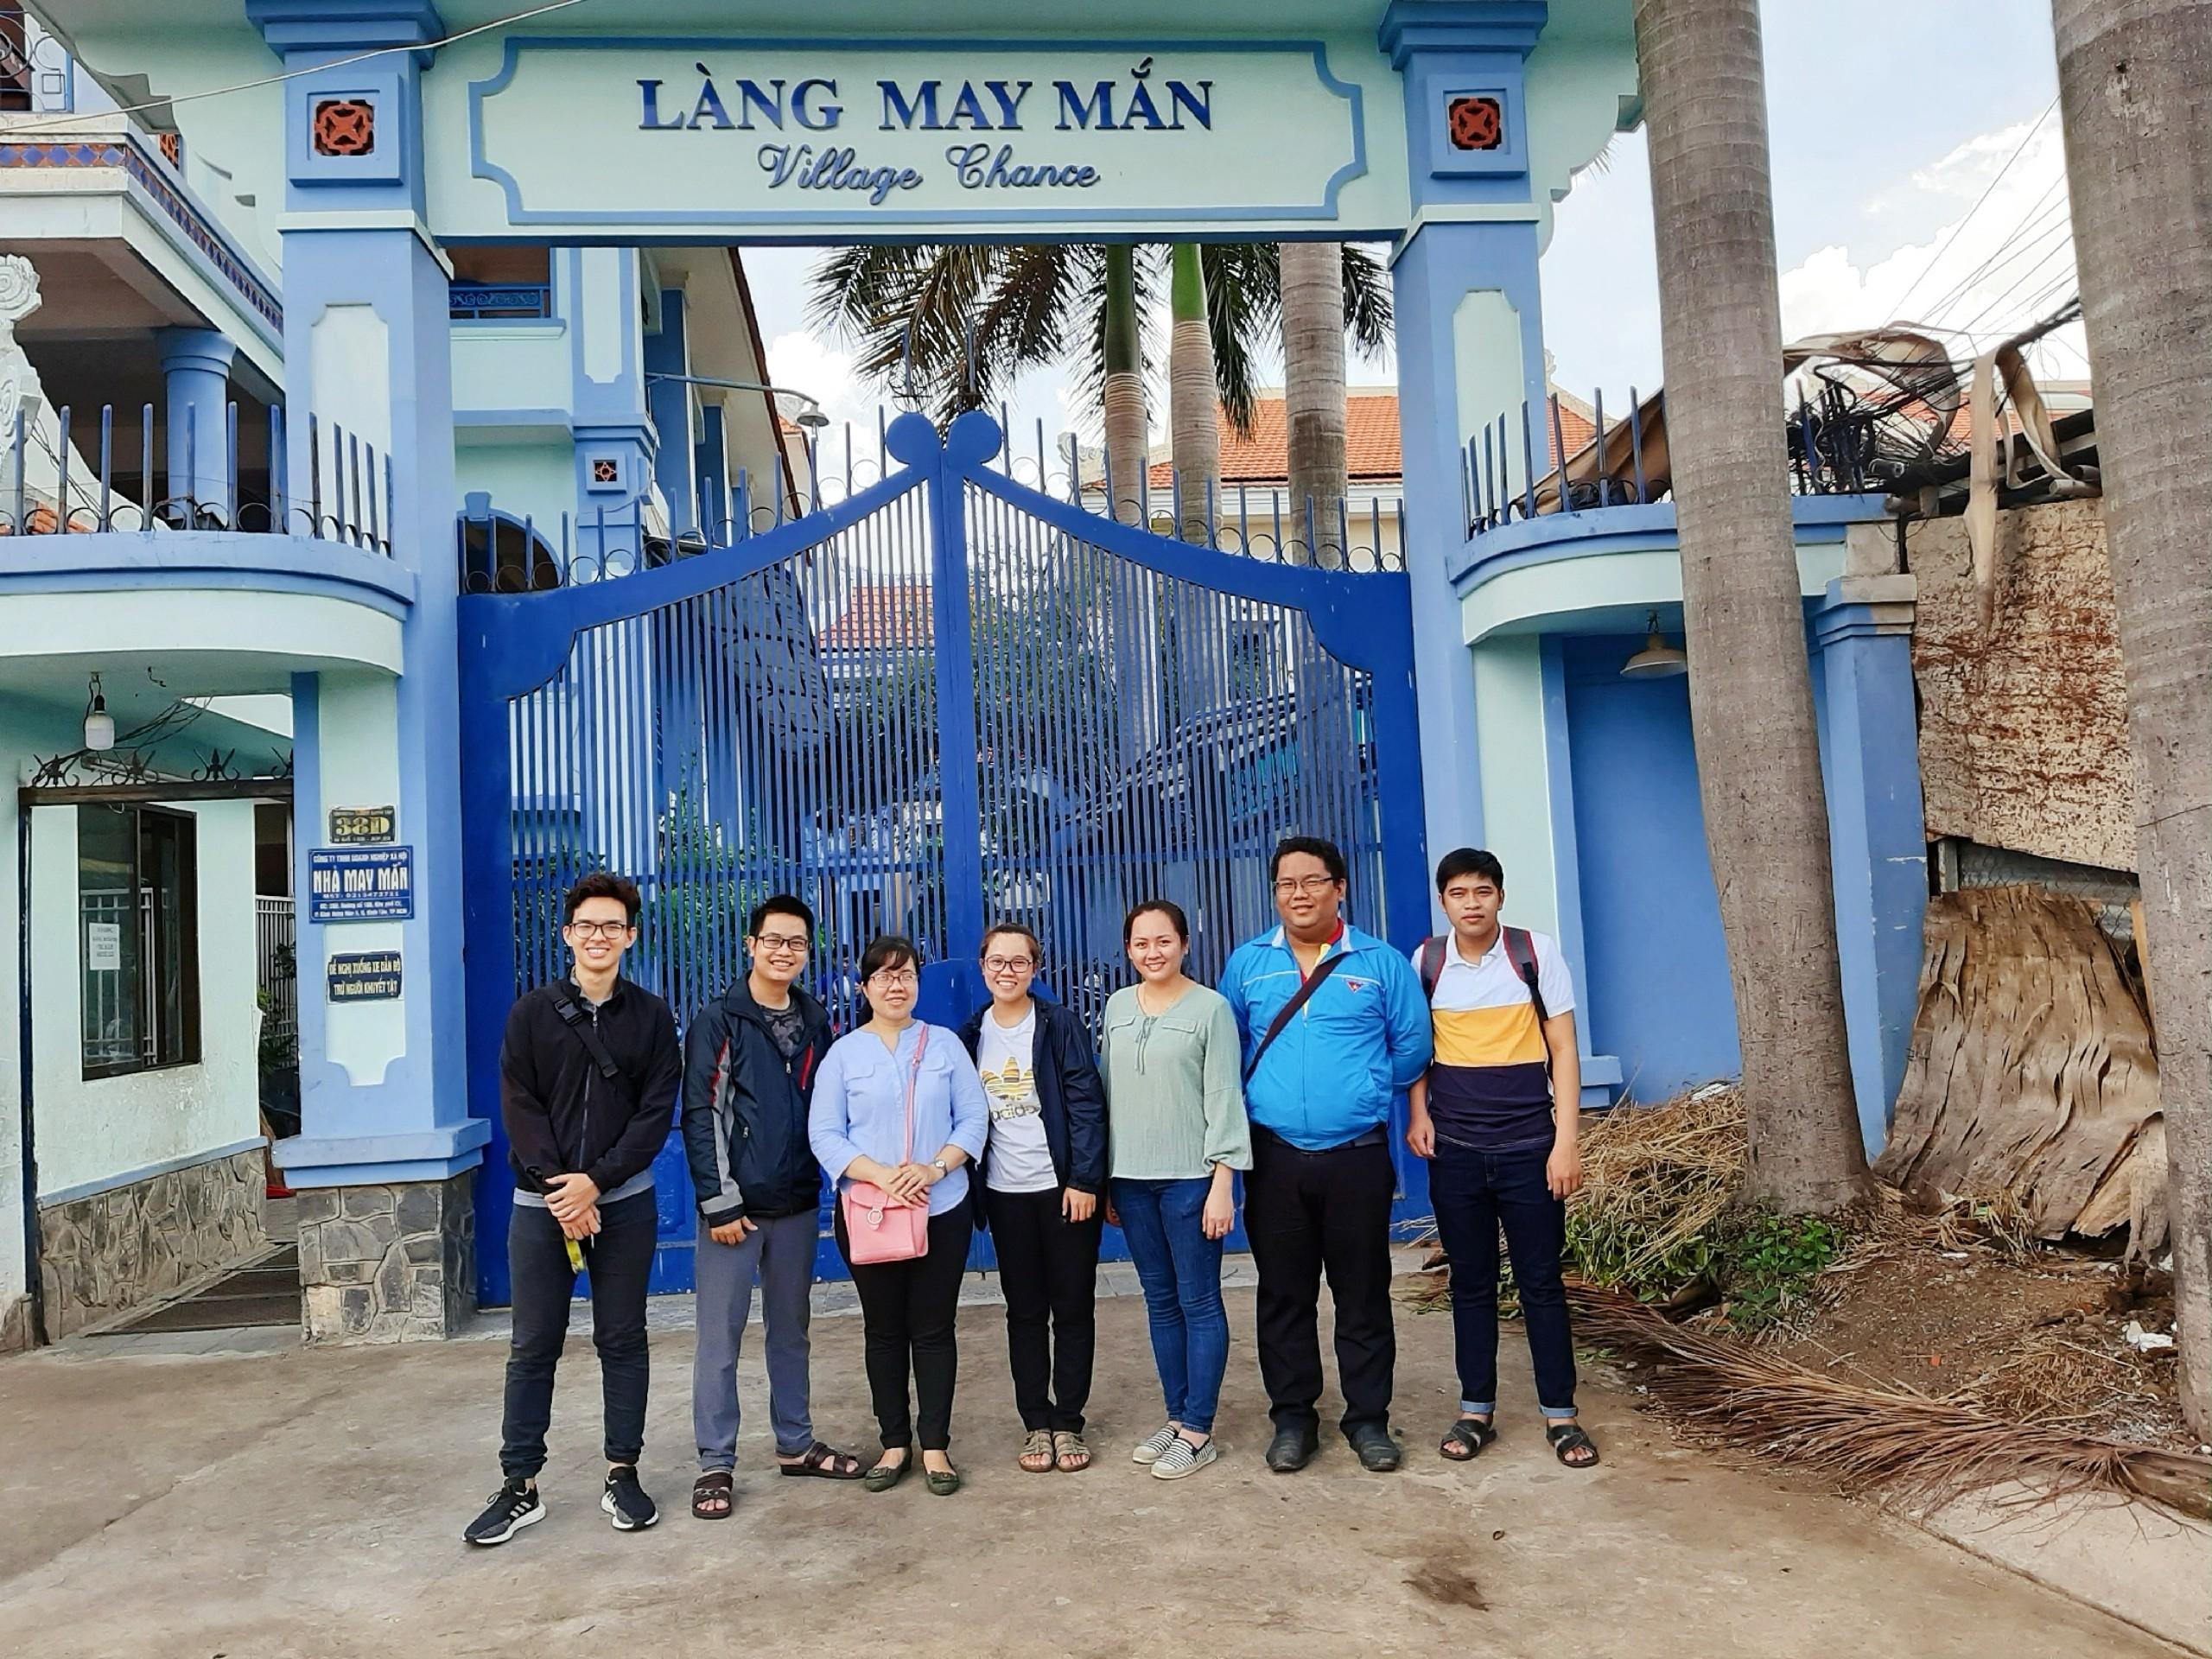 Hành trình đến thăm Làng May Mắn của Chi bộ 16 thuộc Đảng bộ trường Đại học Công nghệ TP.HCM